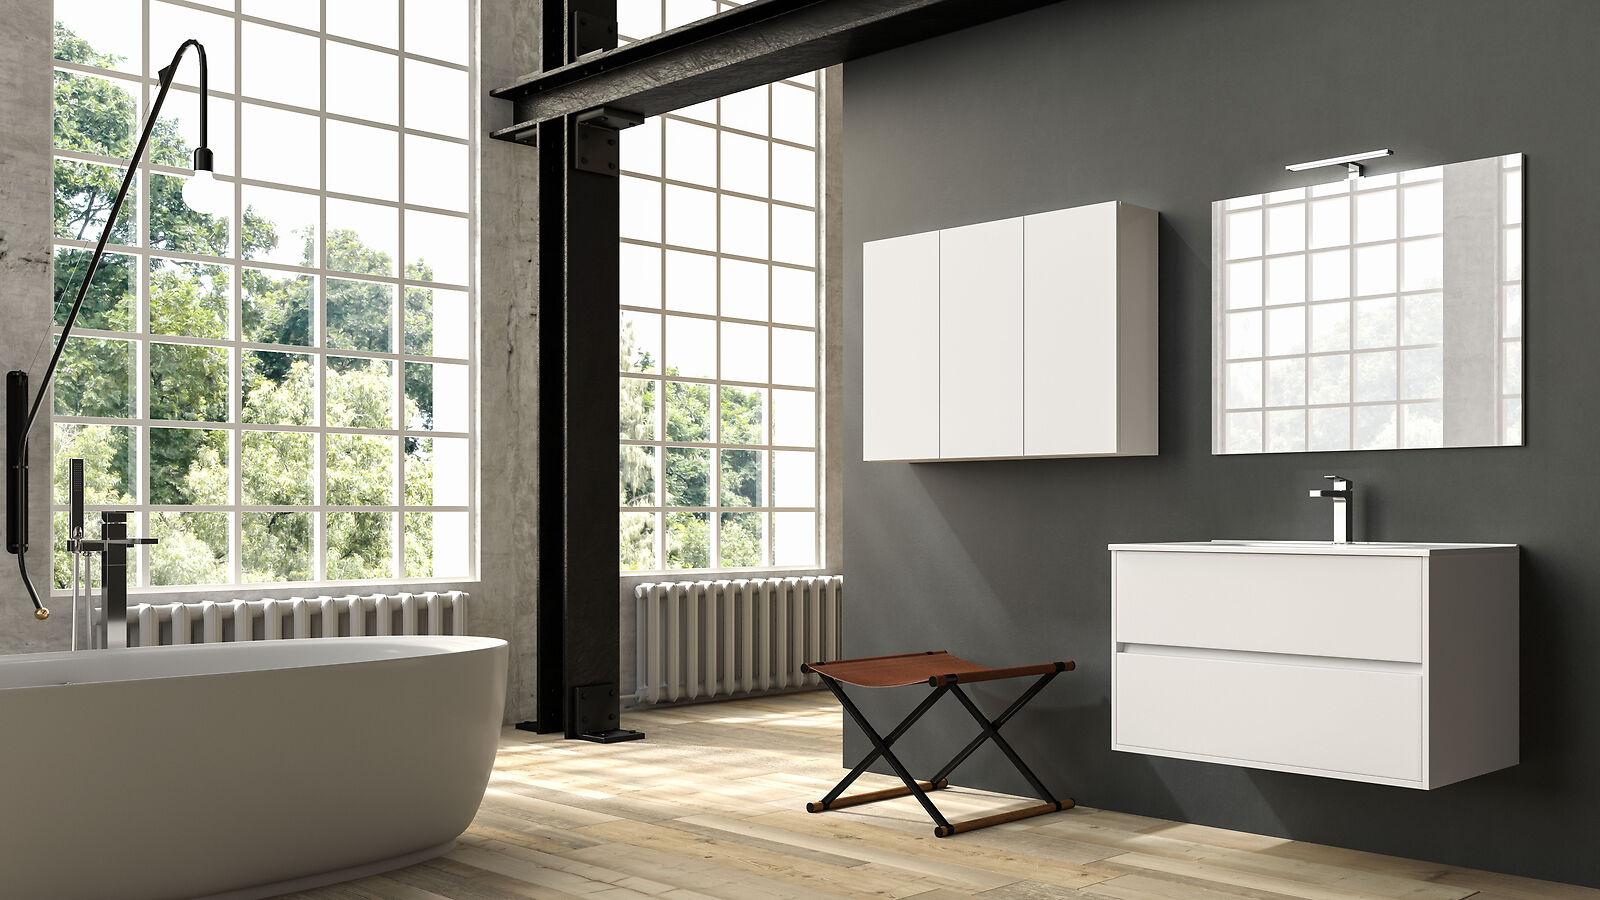 Rialto Design-Badmöbel 90cm Con Espejo O Mueble de Espejo 4 Superficies